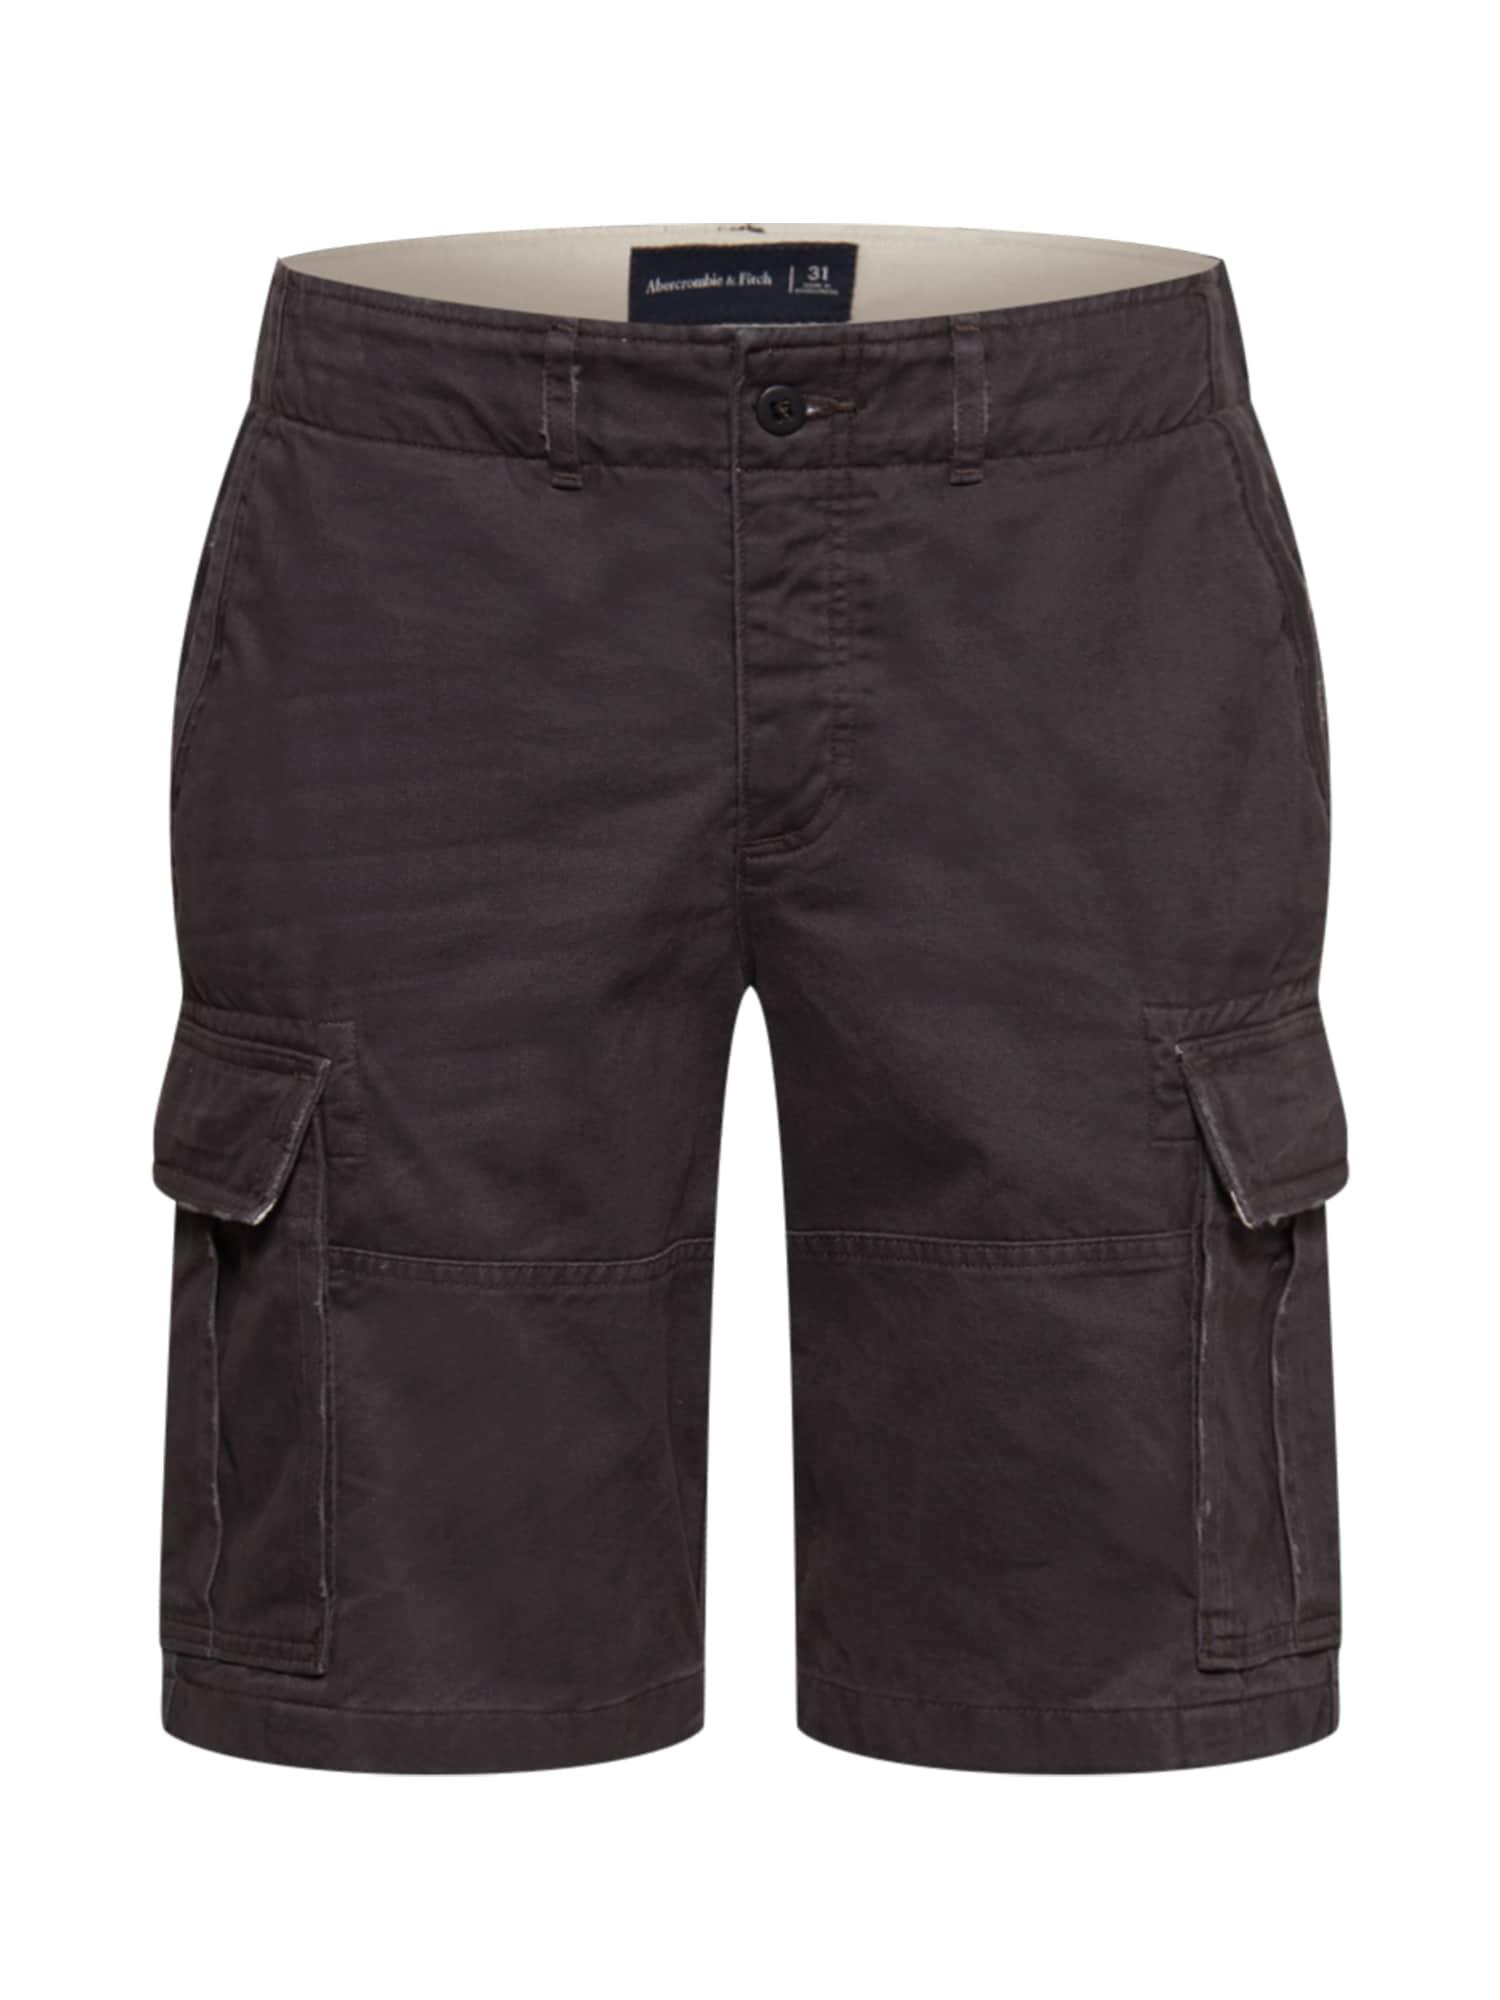 Abercrombie & Fitch Laisvo stiliaus kelnės bazalto pilka